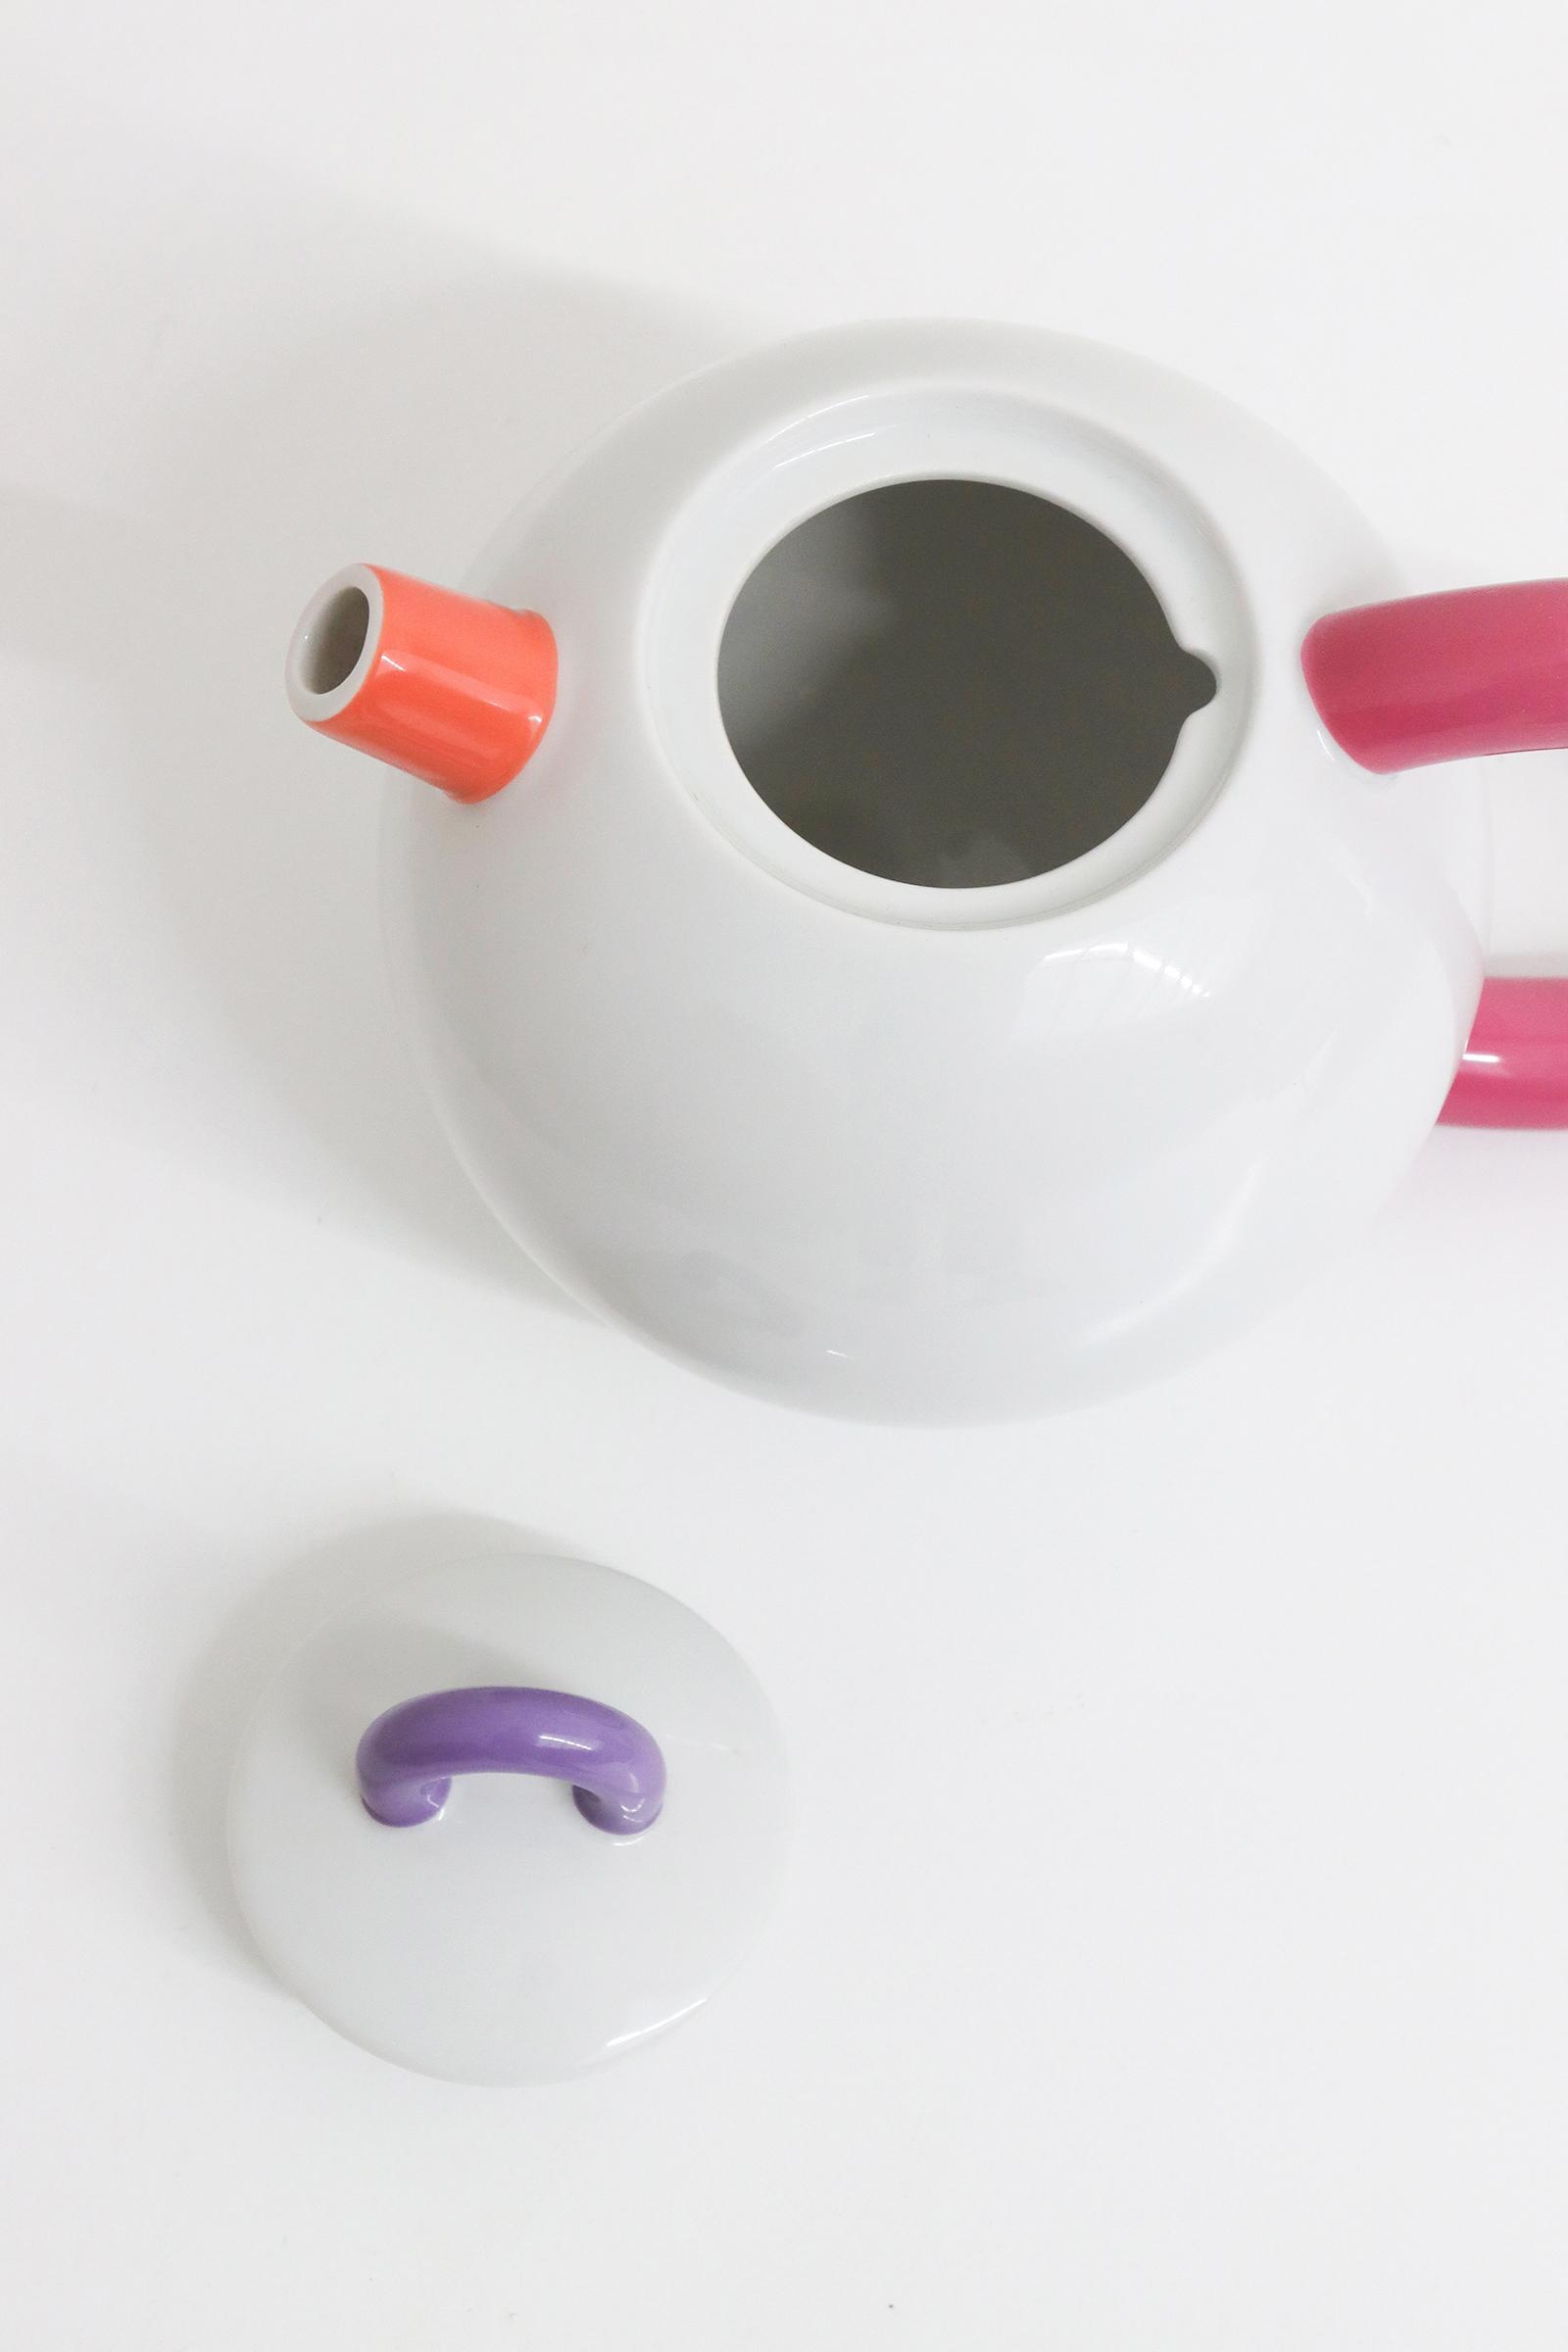 Matteo Thun Fantasia teapotimage 6